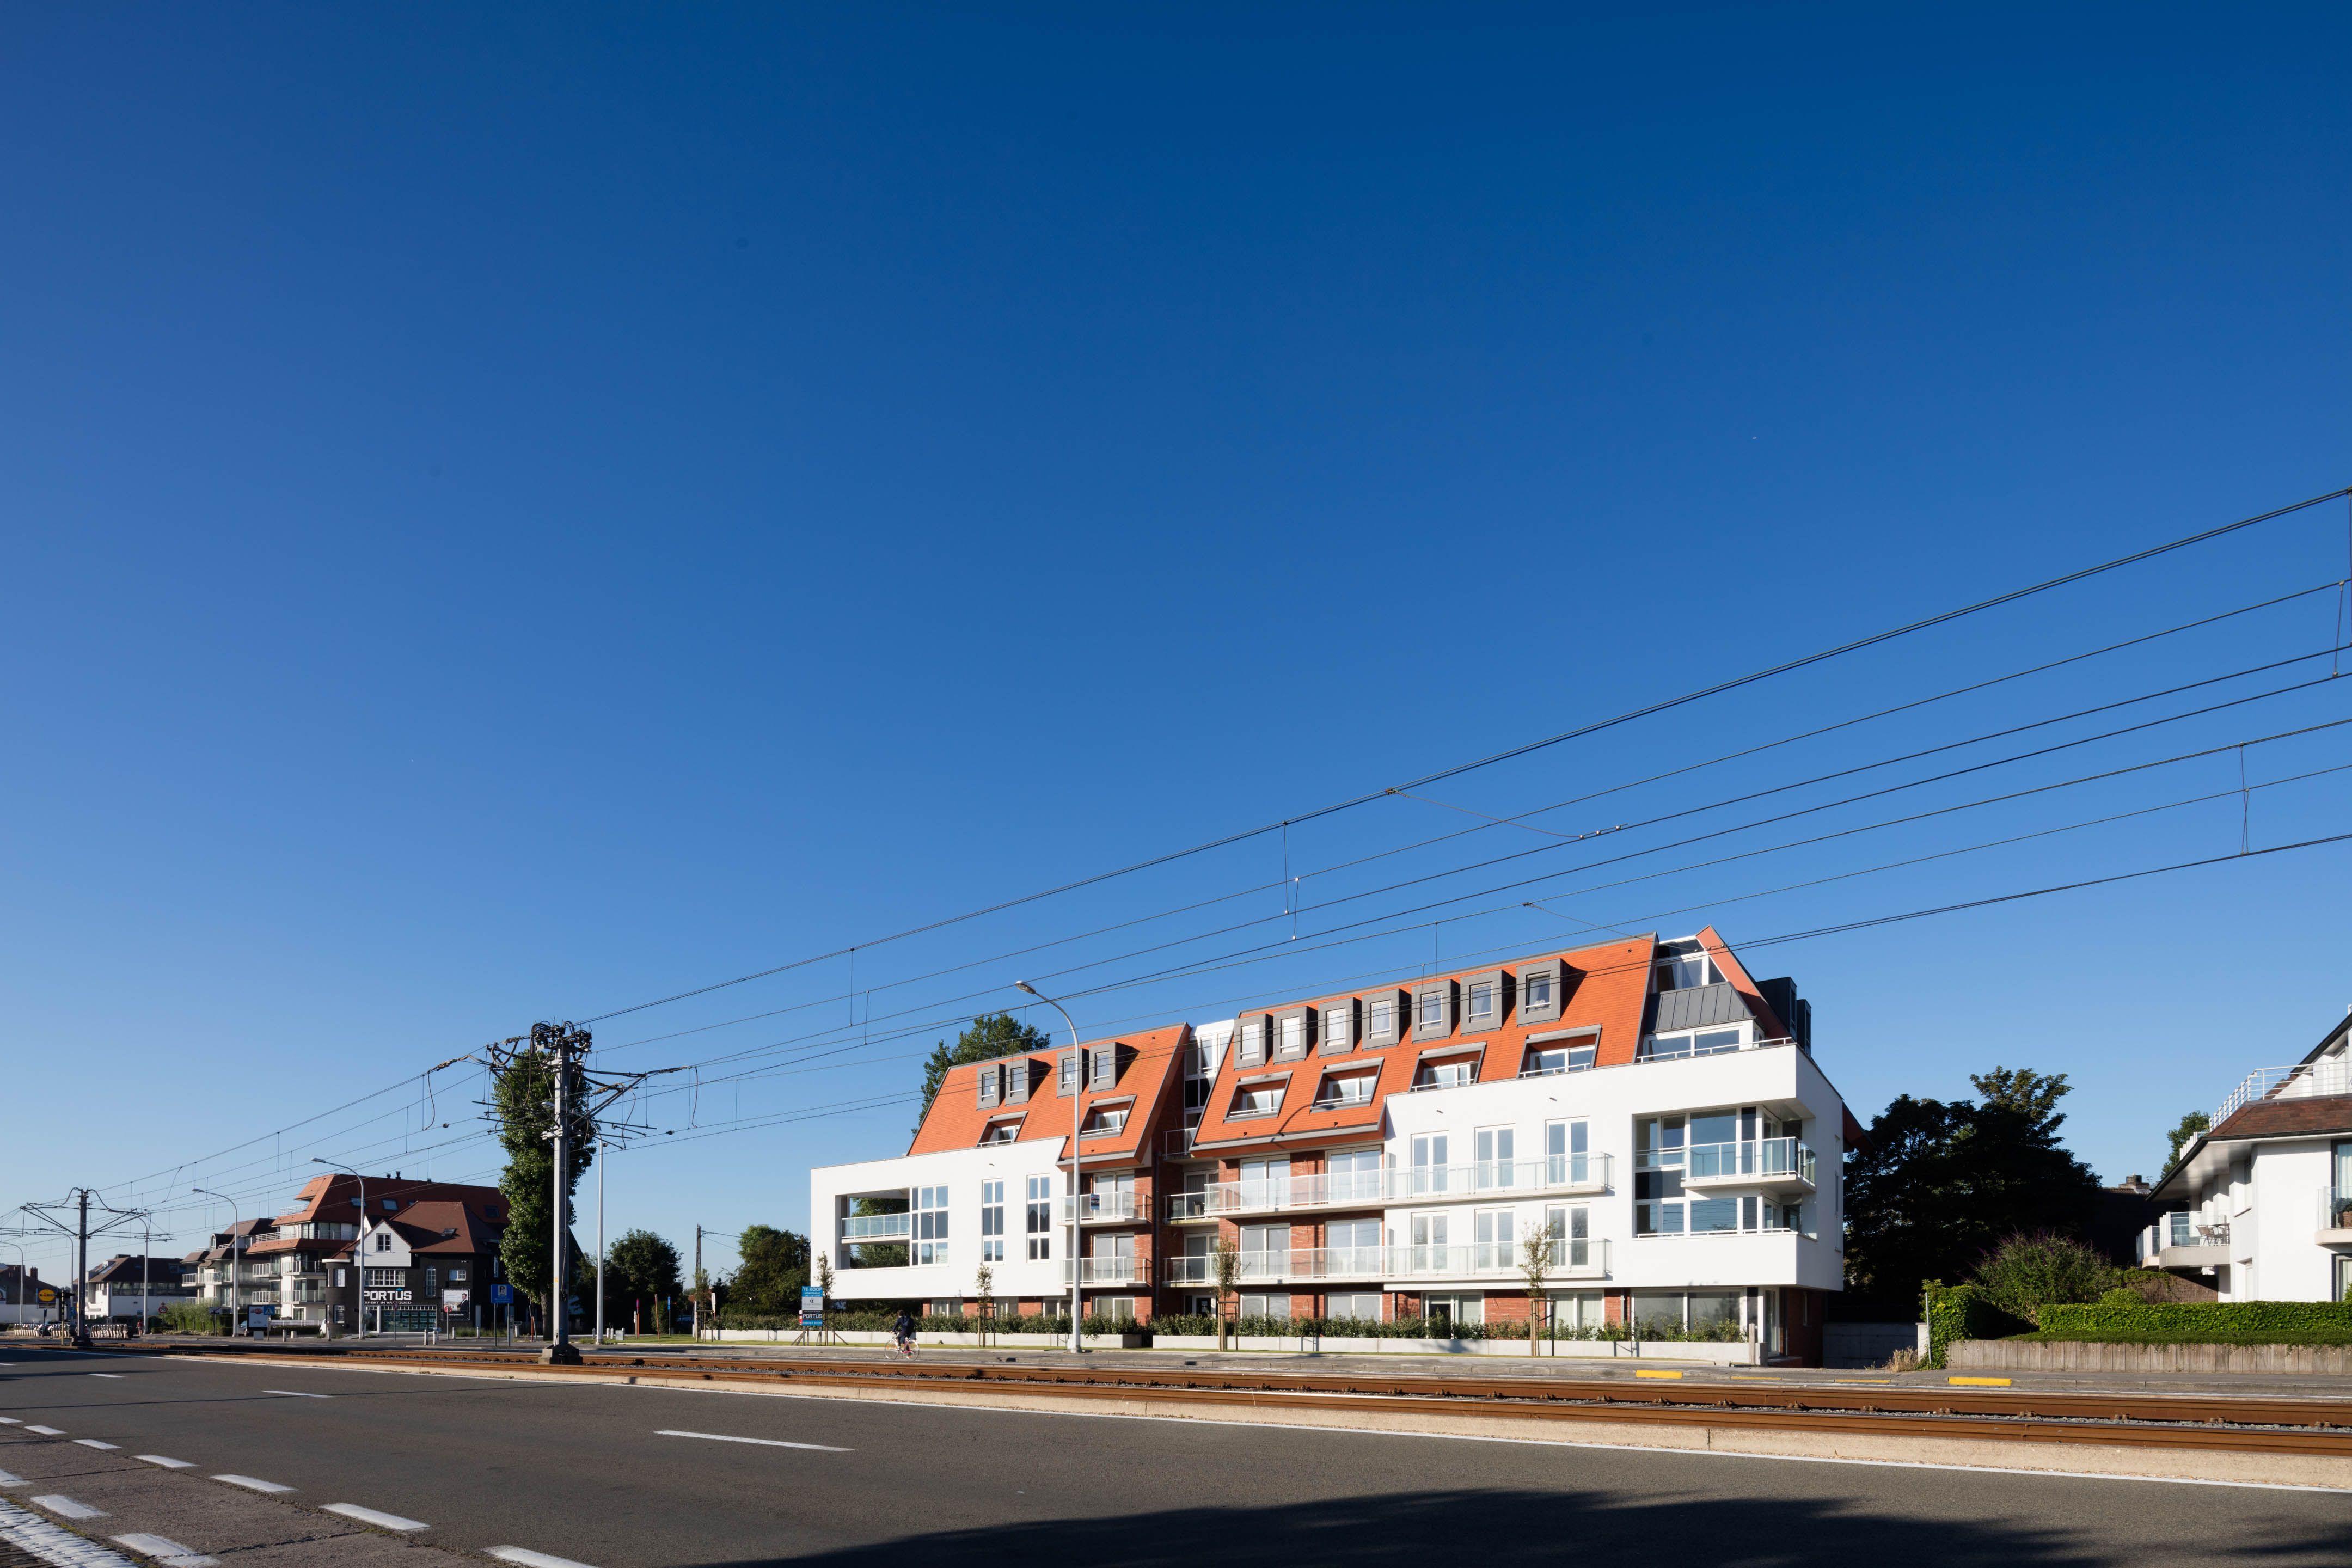 Appartement Residentie Villa Crombez Nieuwpoort - 9268